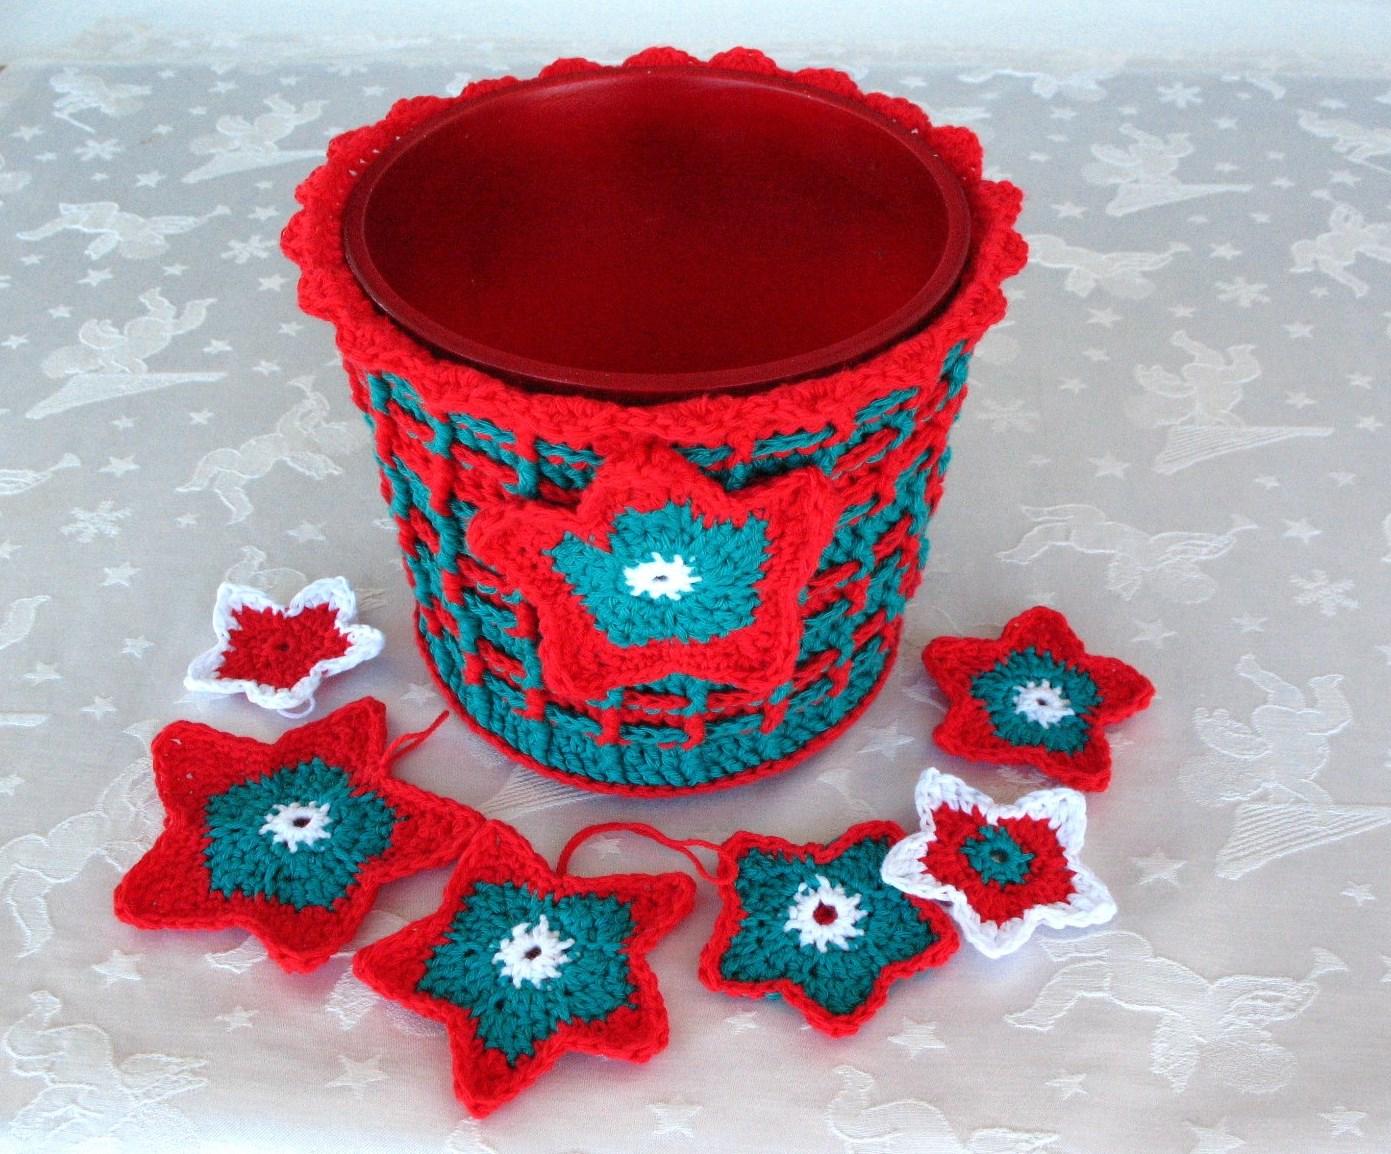 Weihnachtsgeschenke Forum.Weihnachtsgeschenke Geschenkverpackungen Die Besten Ideen Die